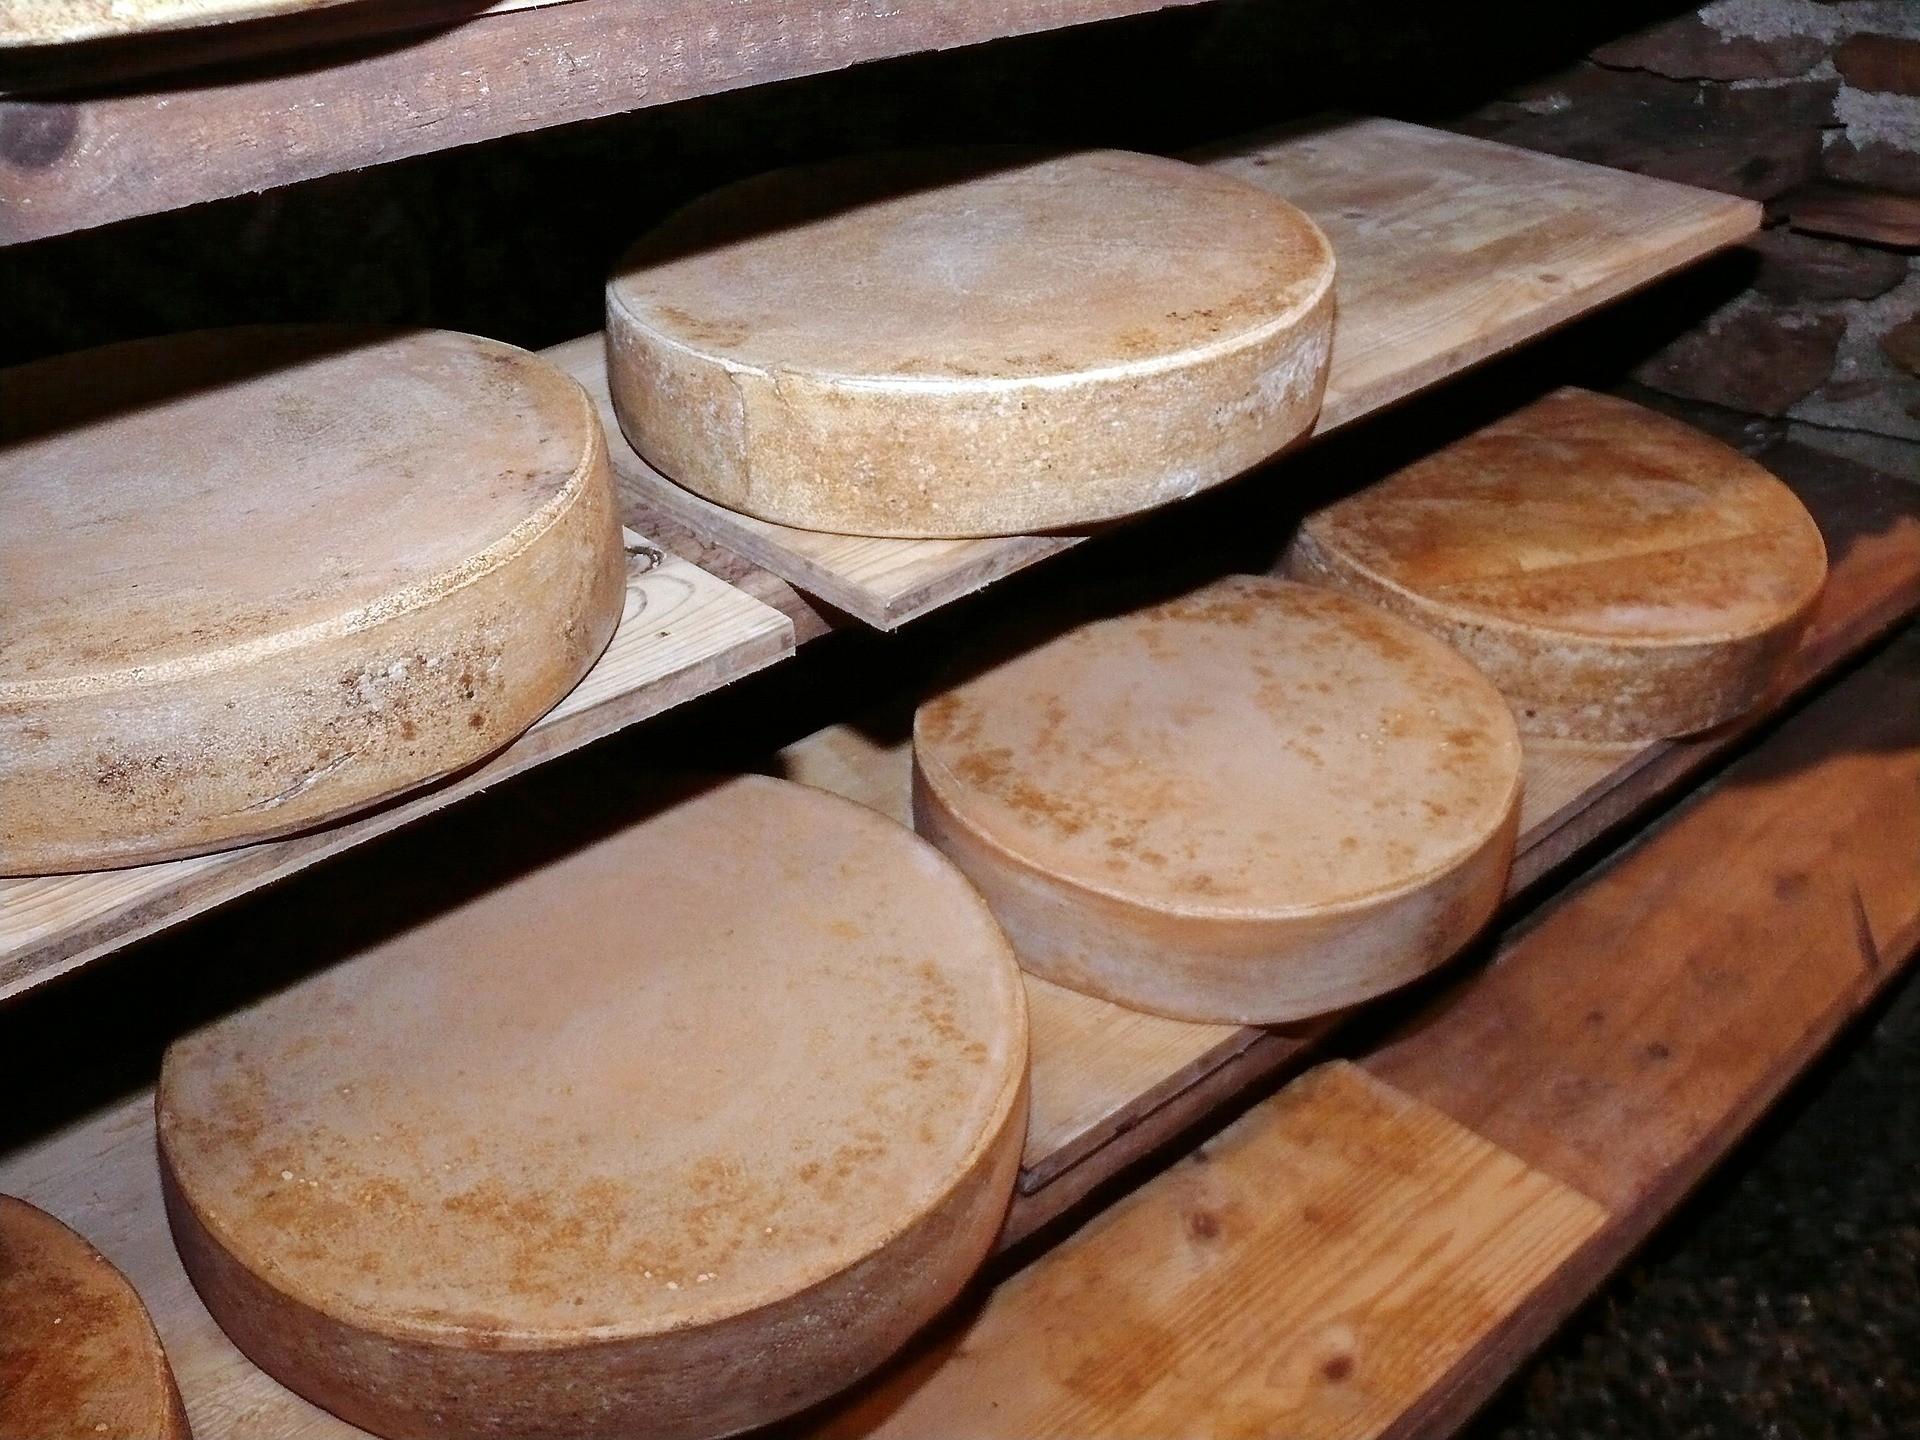 ▲硬乳酪,漫遊古英國。(圖/取自免費圖庫pixabay)